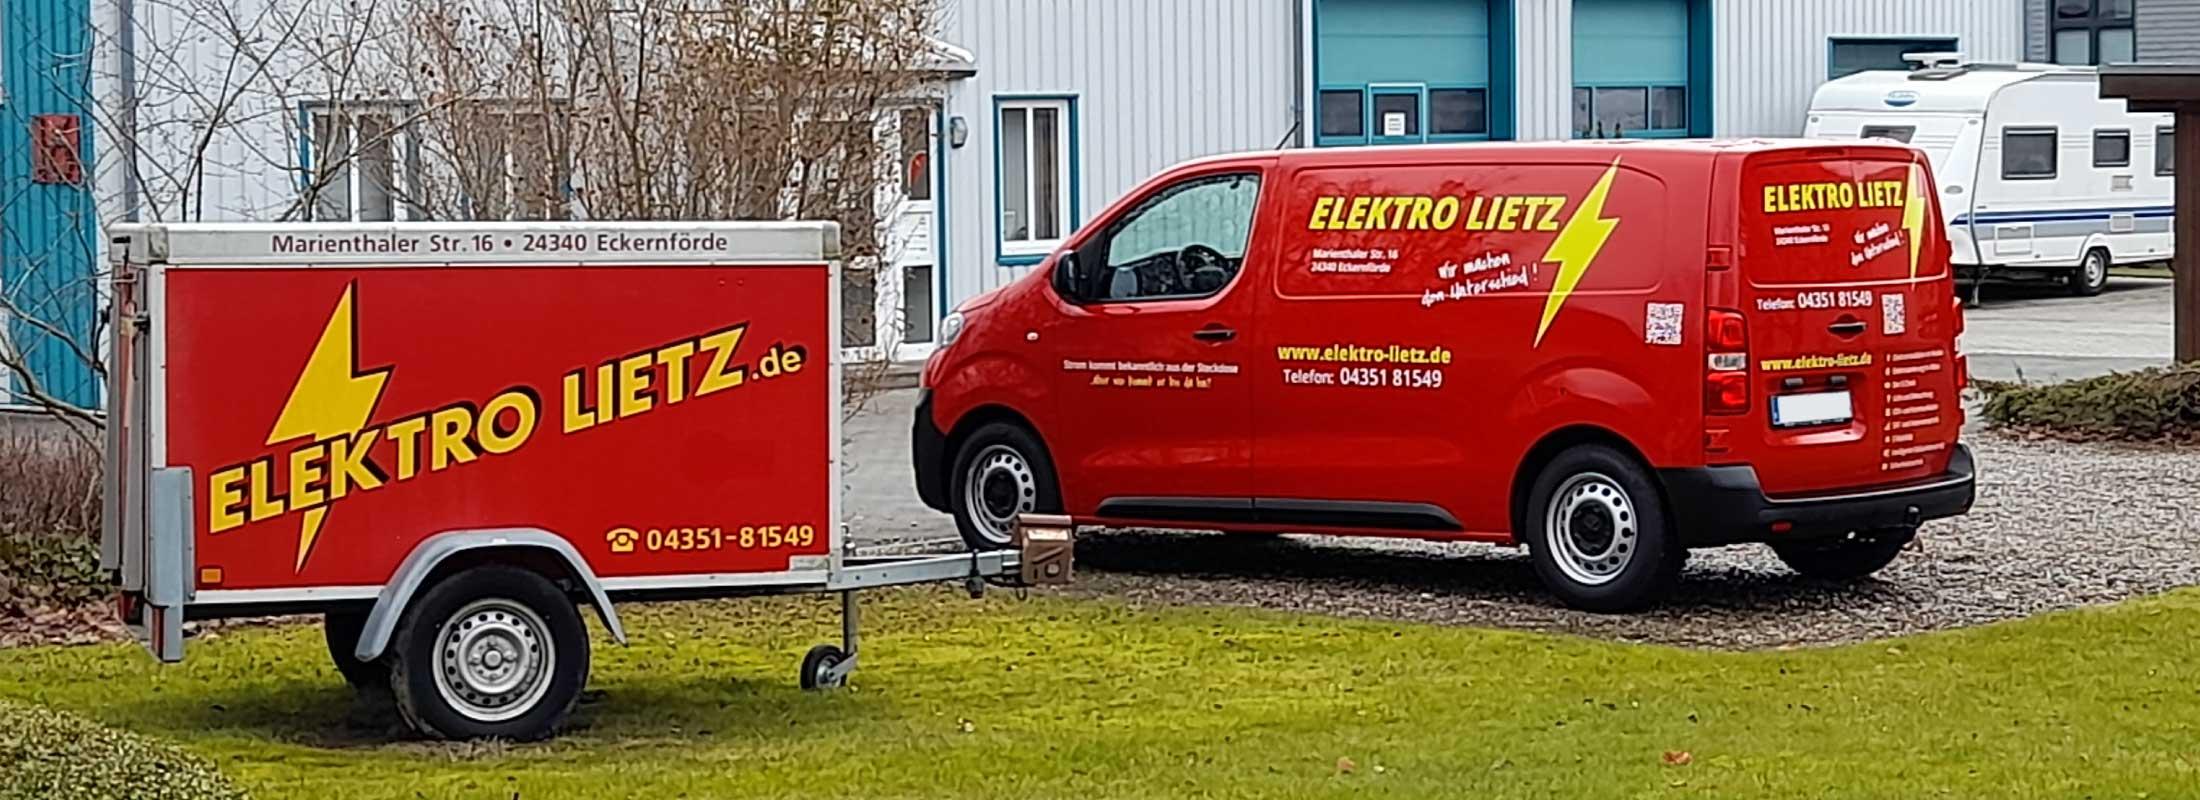 Guter Elektriker aus Eckernförde